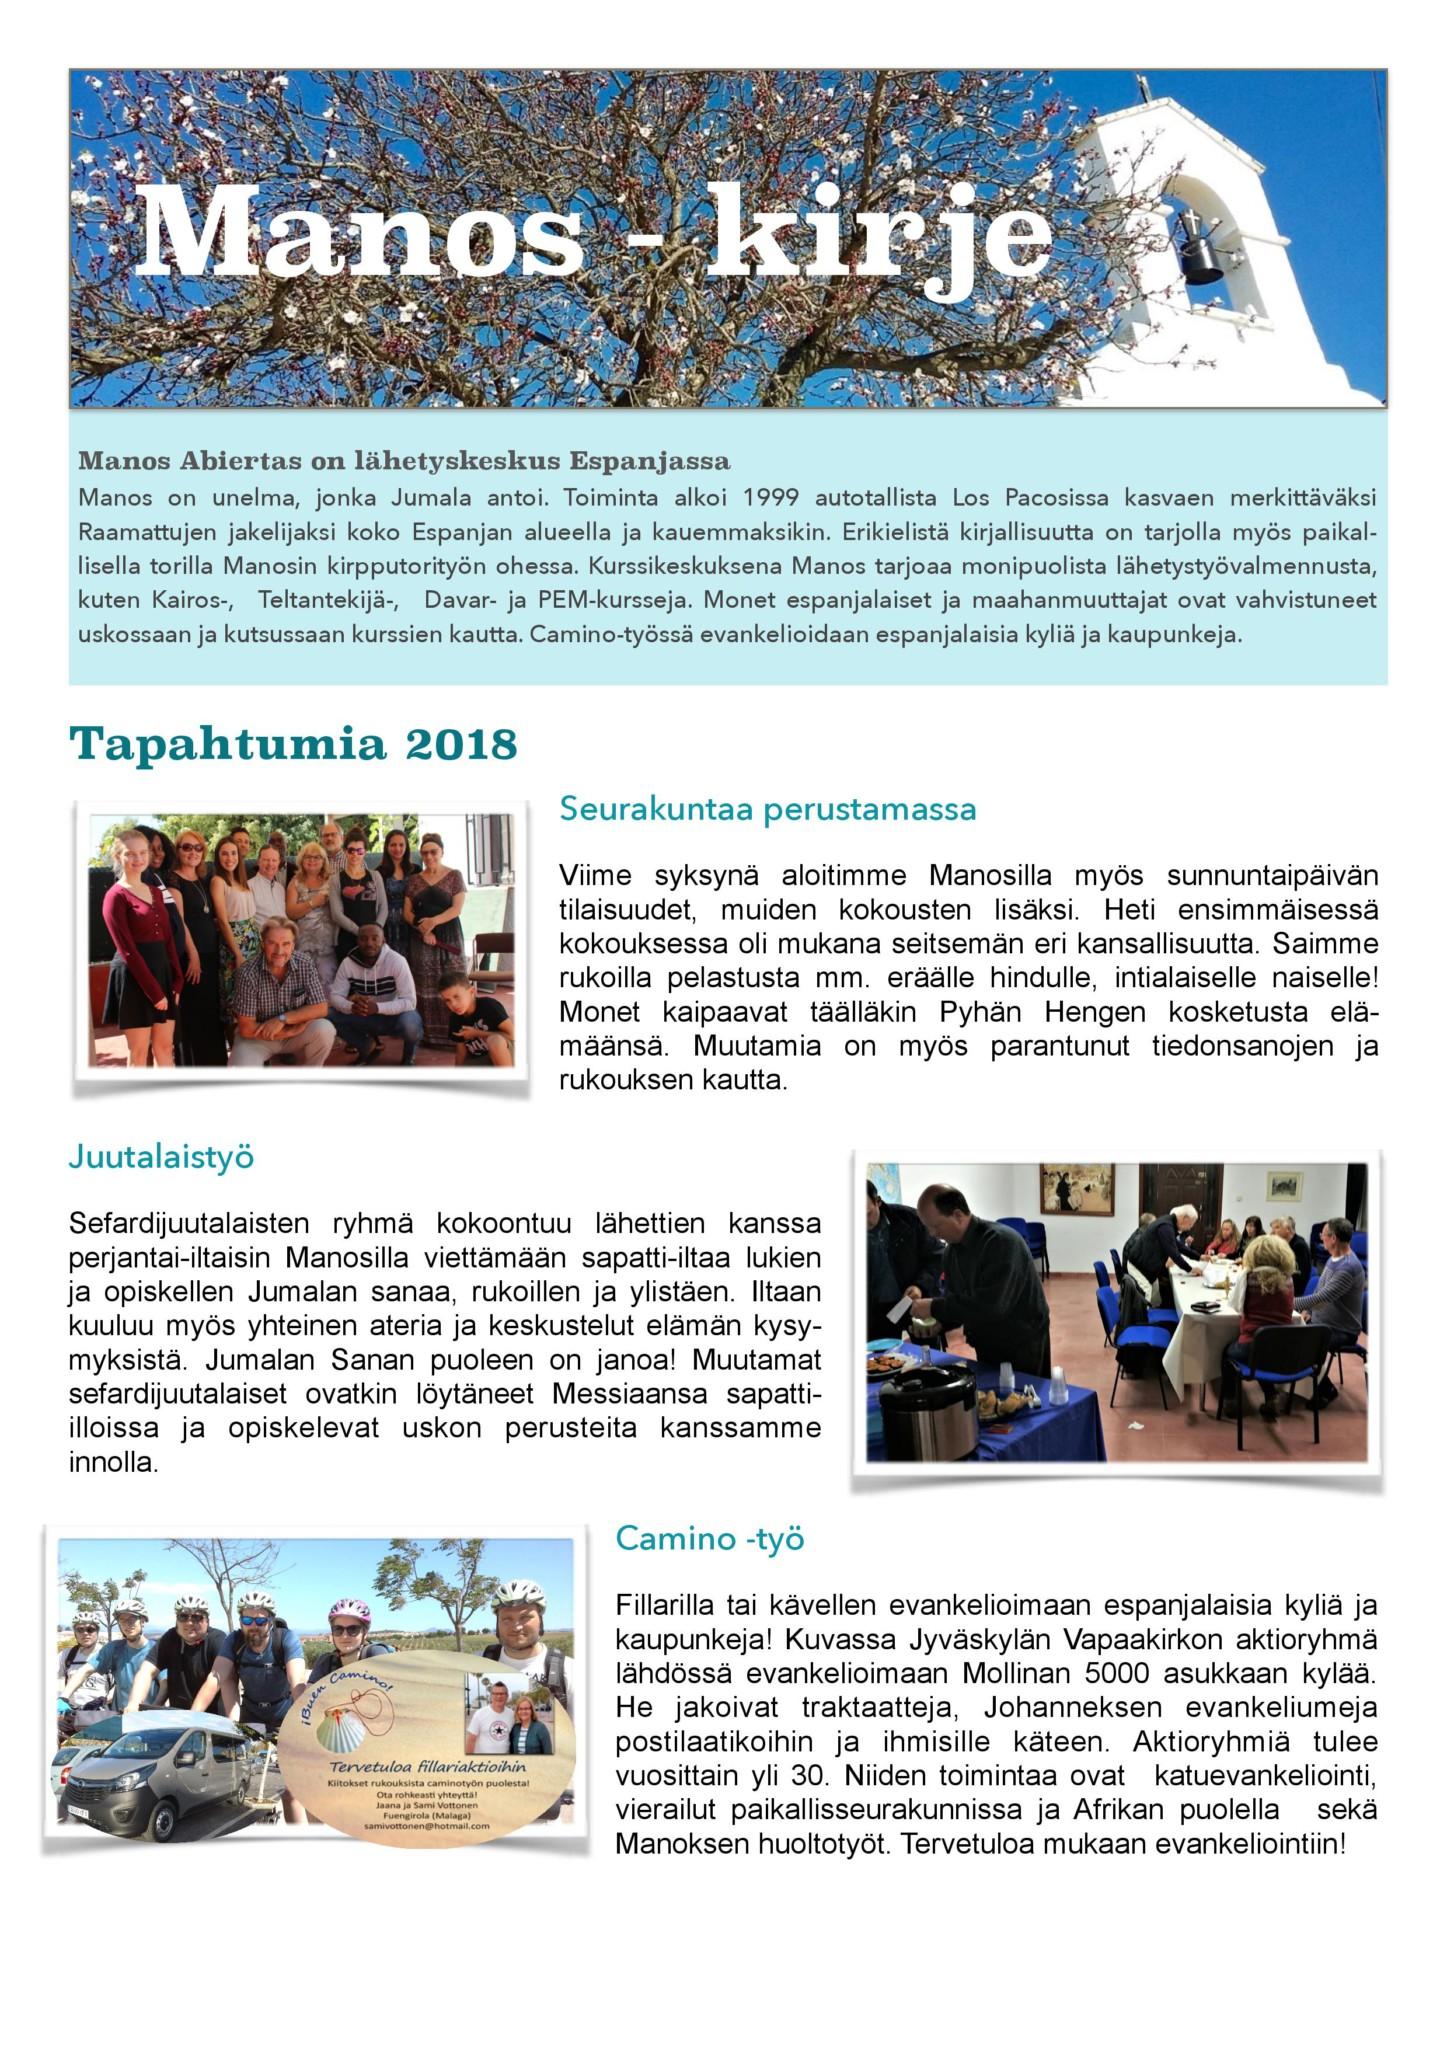 manos kirje 2 2018-page-001